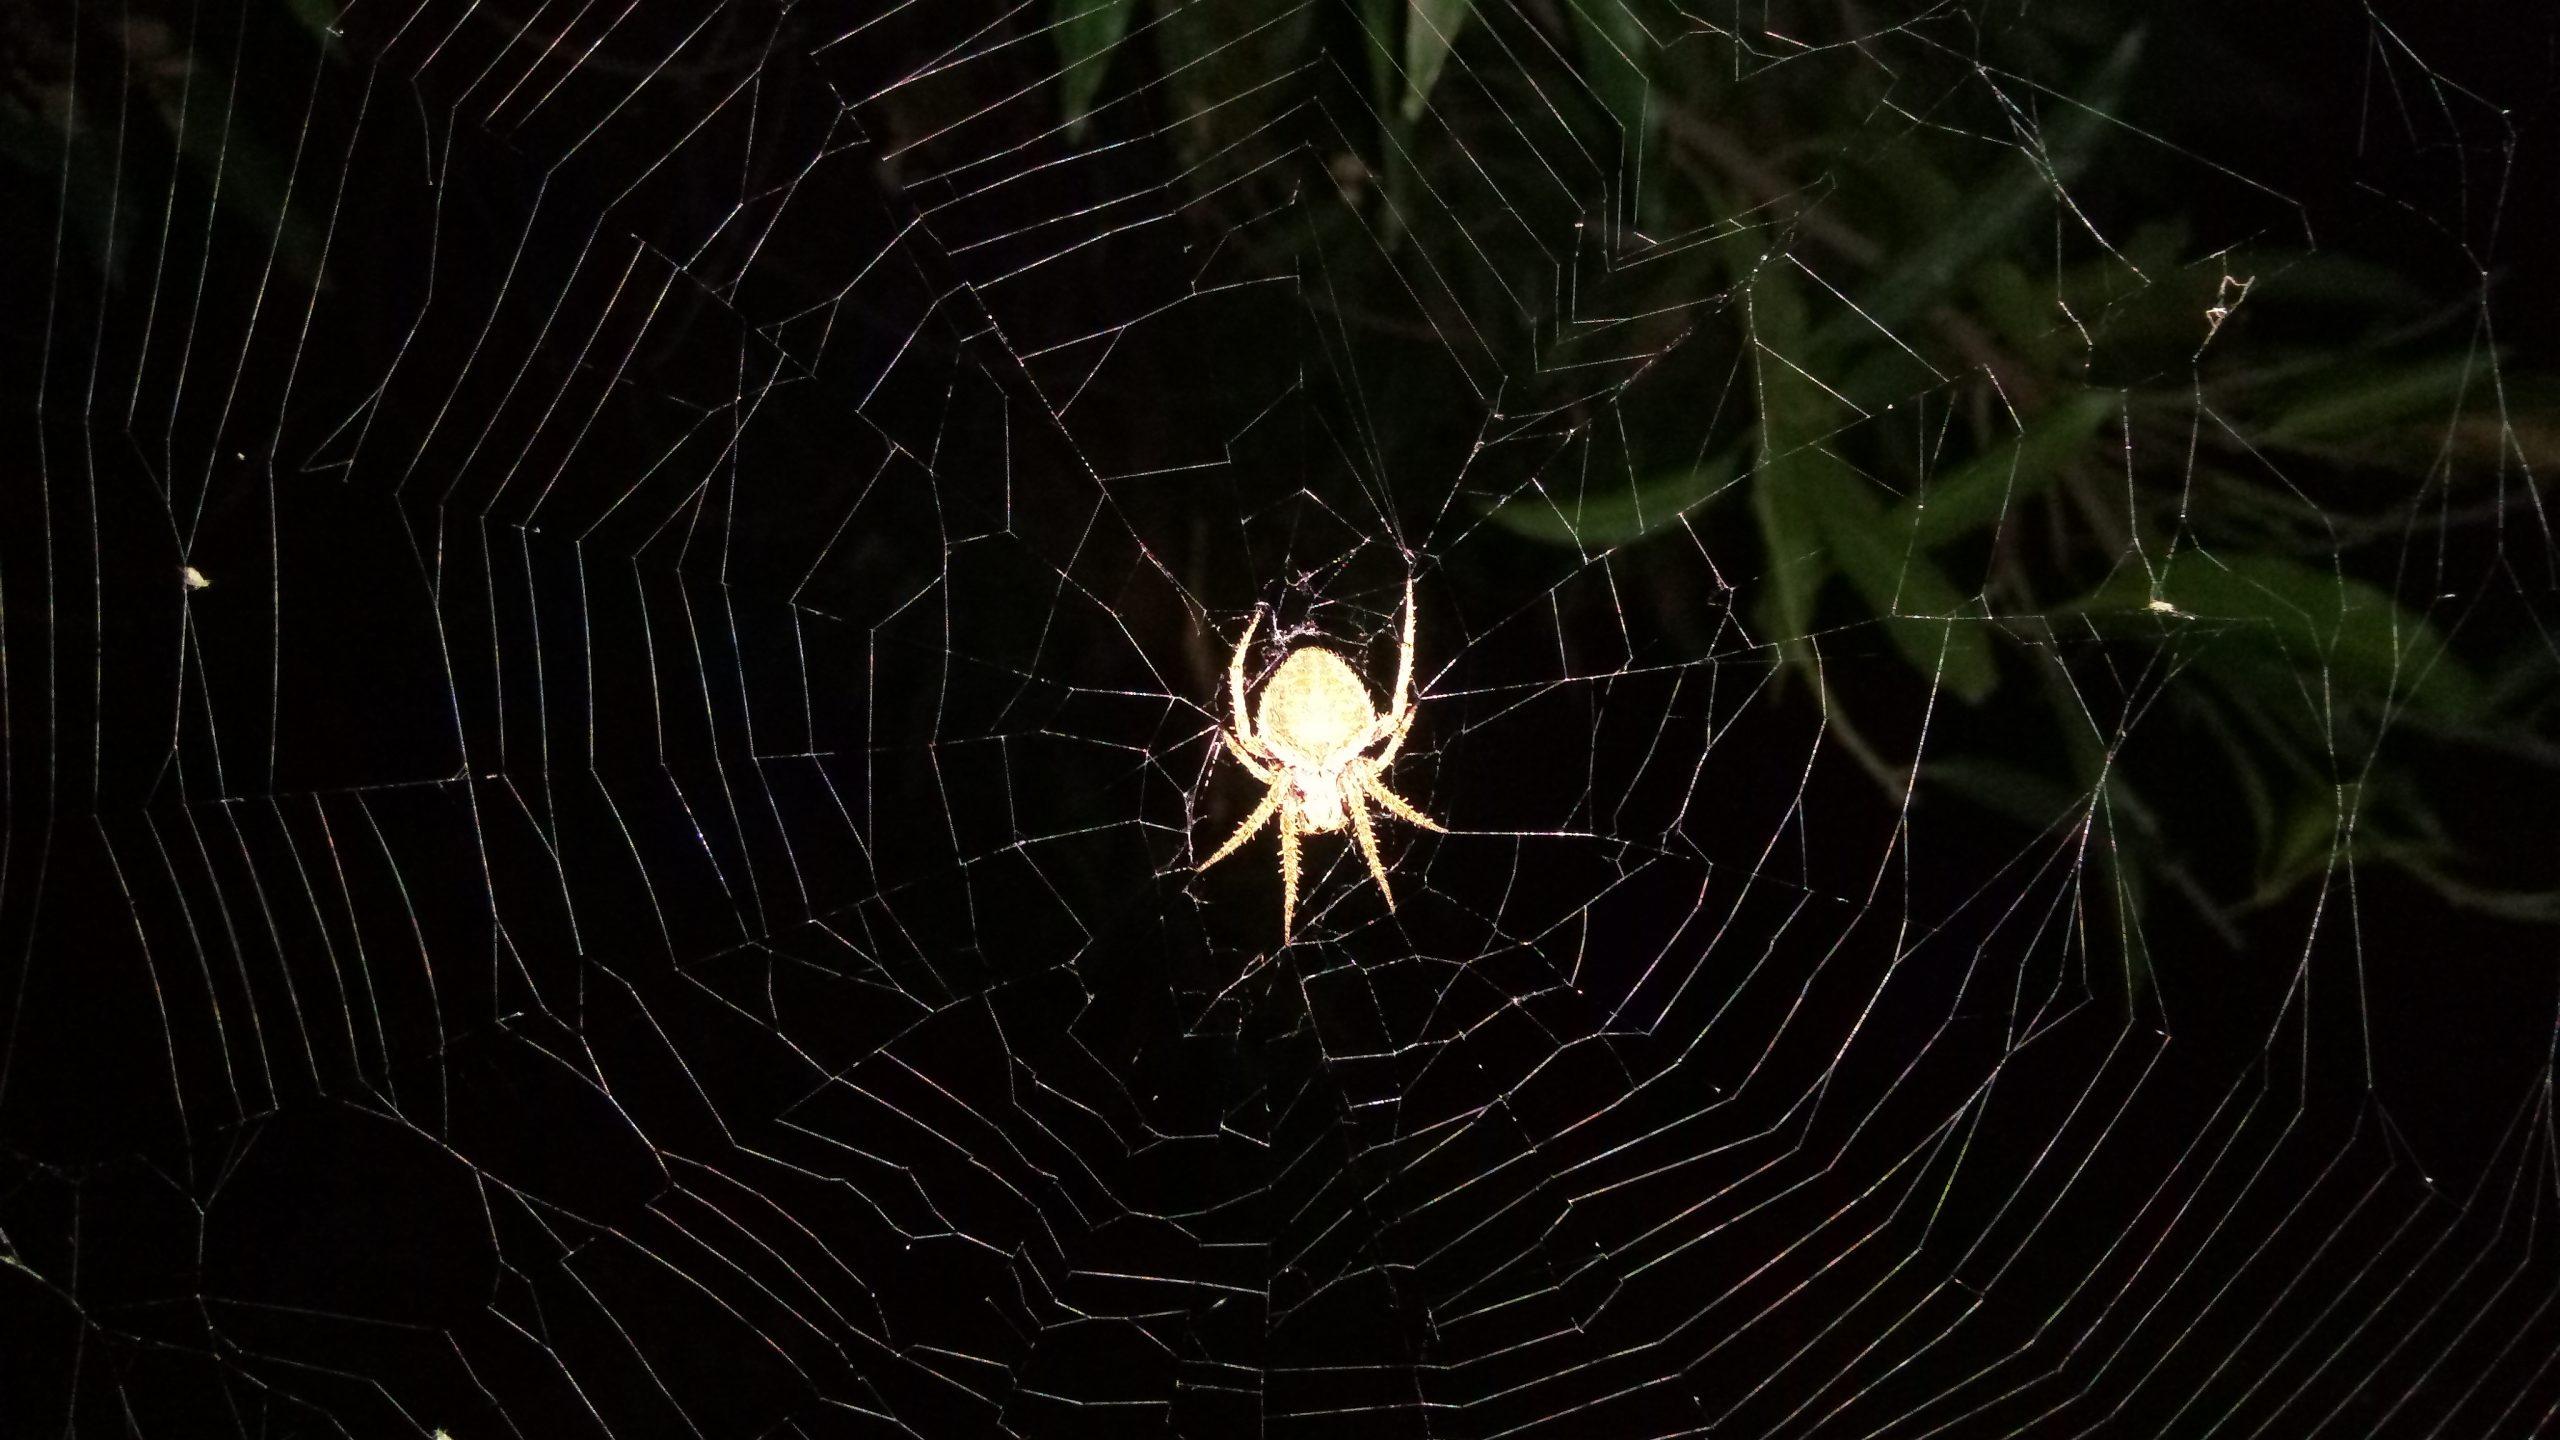 Spider Web on Focus